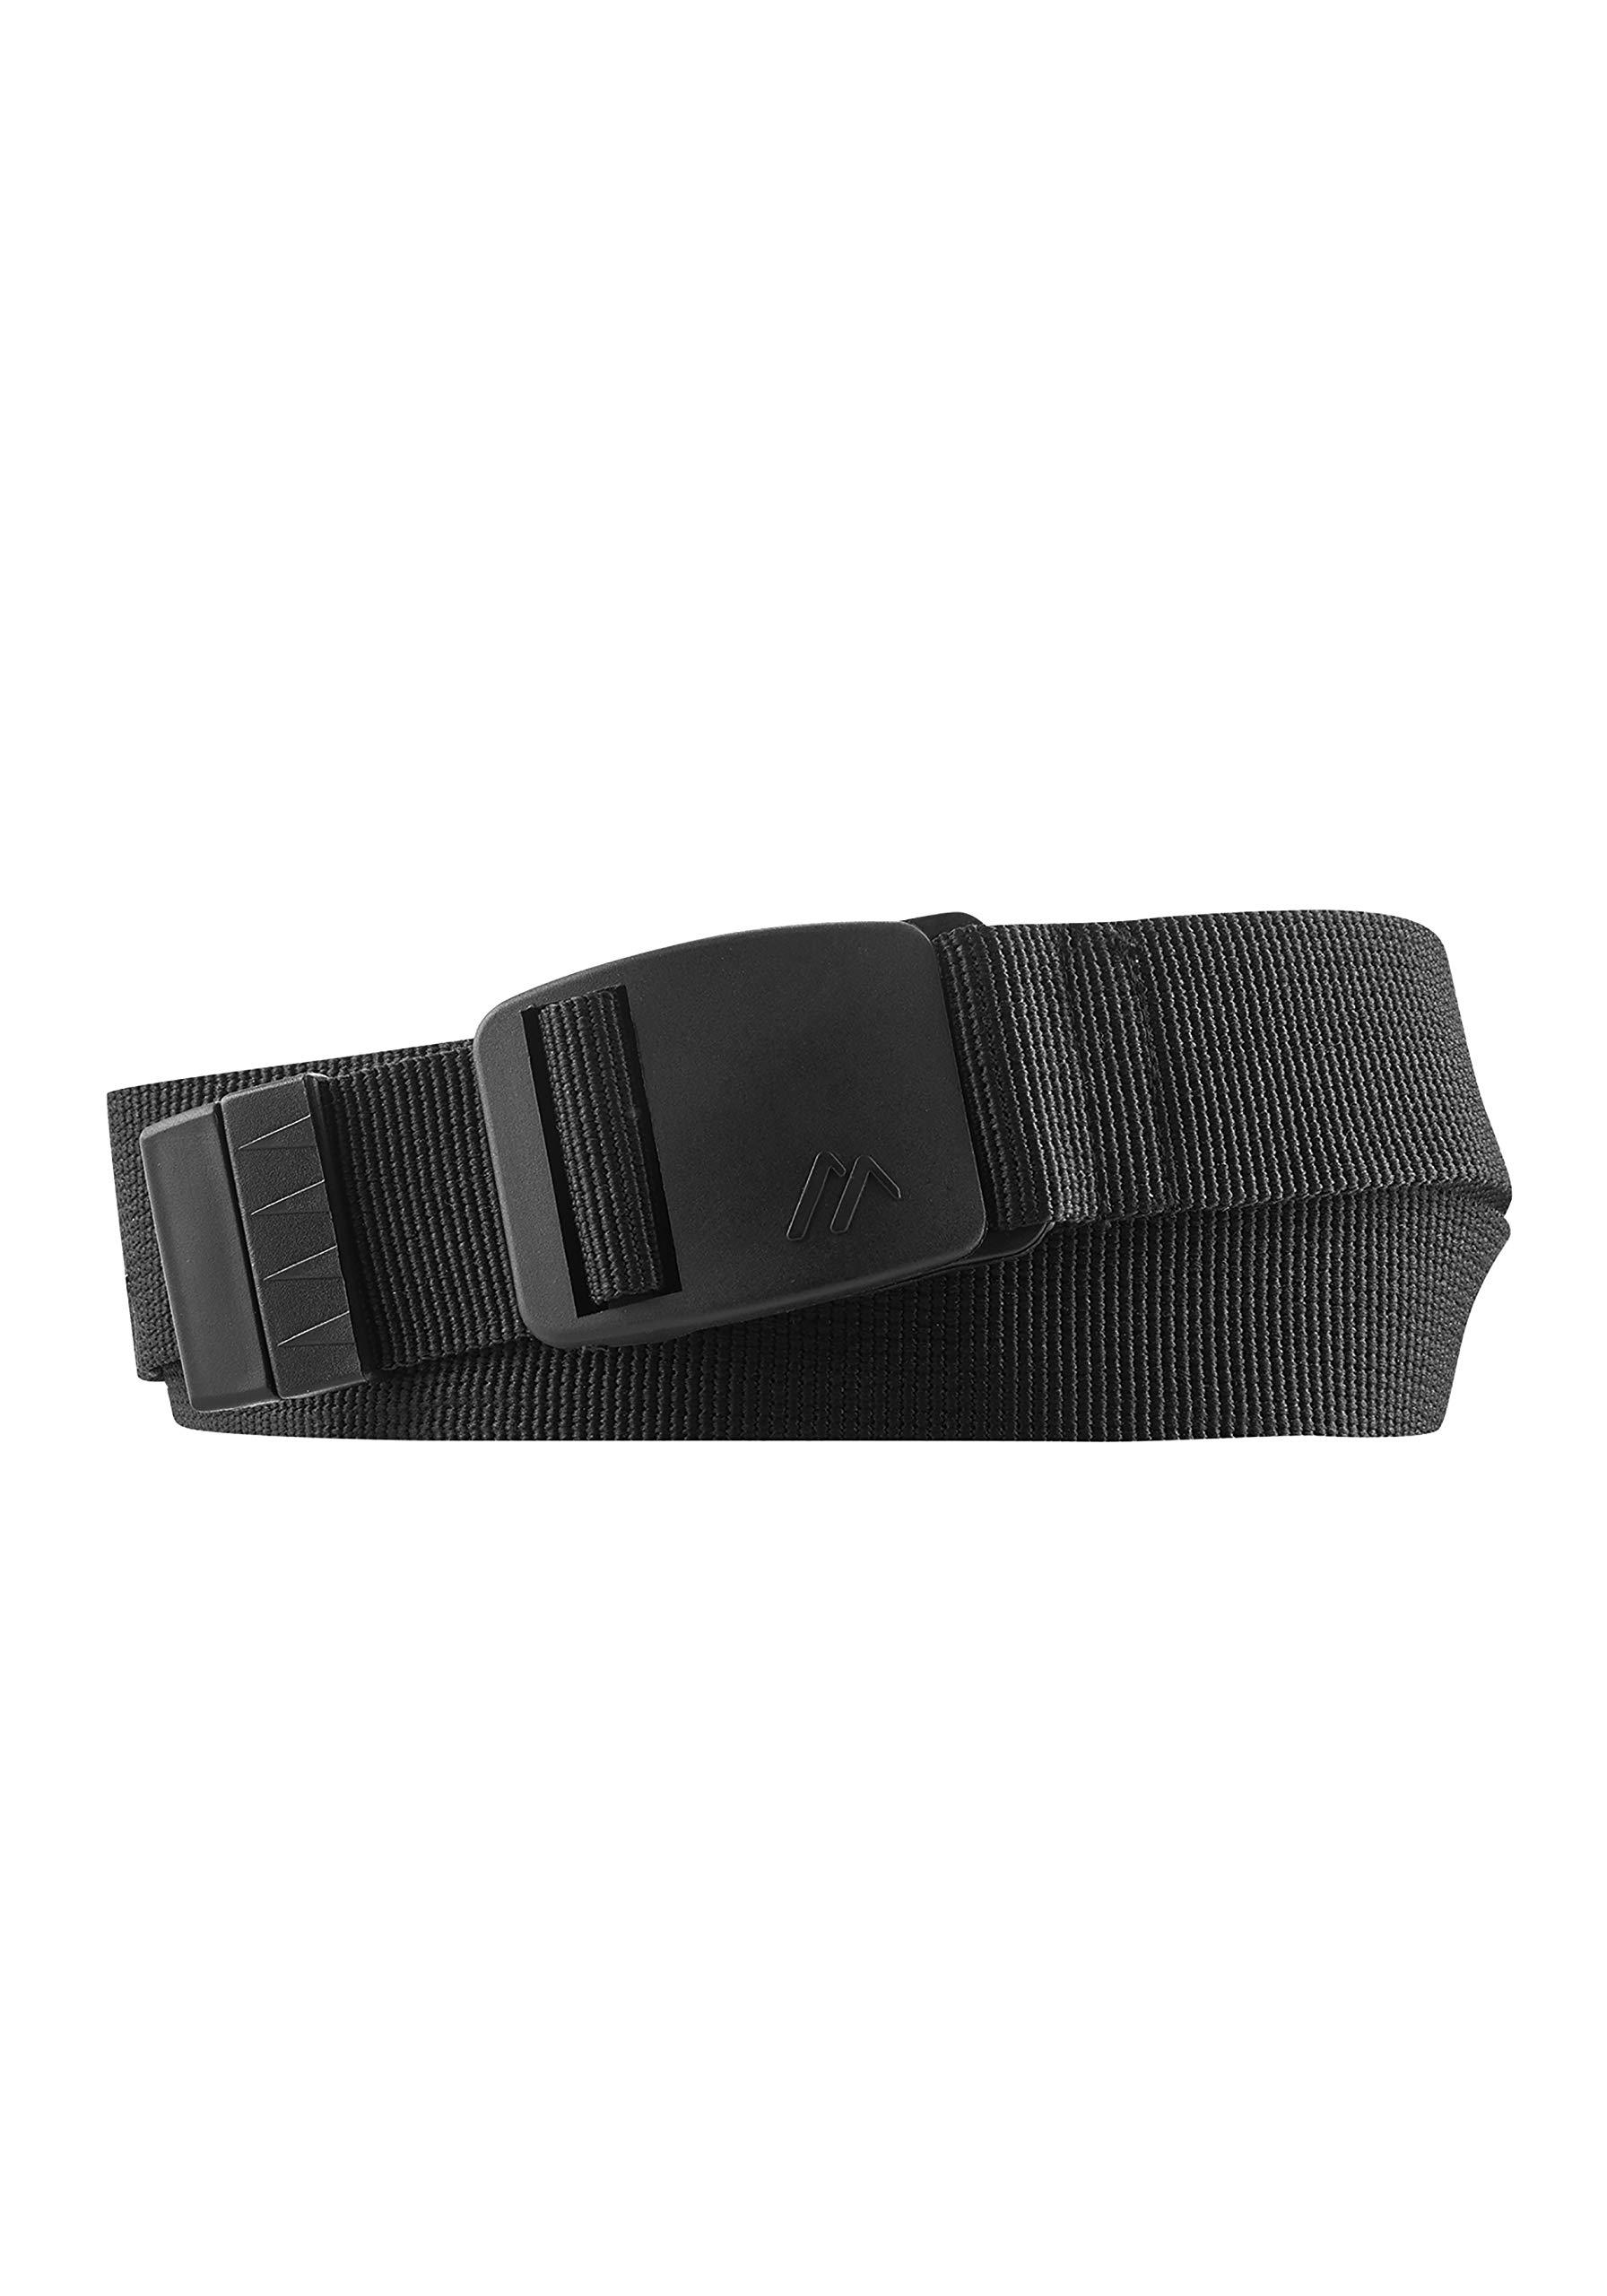 Maier Sports Unisex Gürtel Eco für Outdoor und Wandern, black, 1